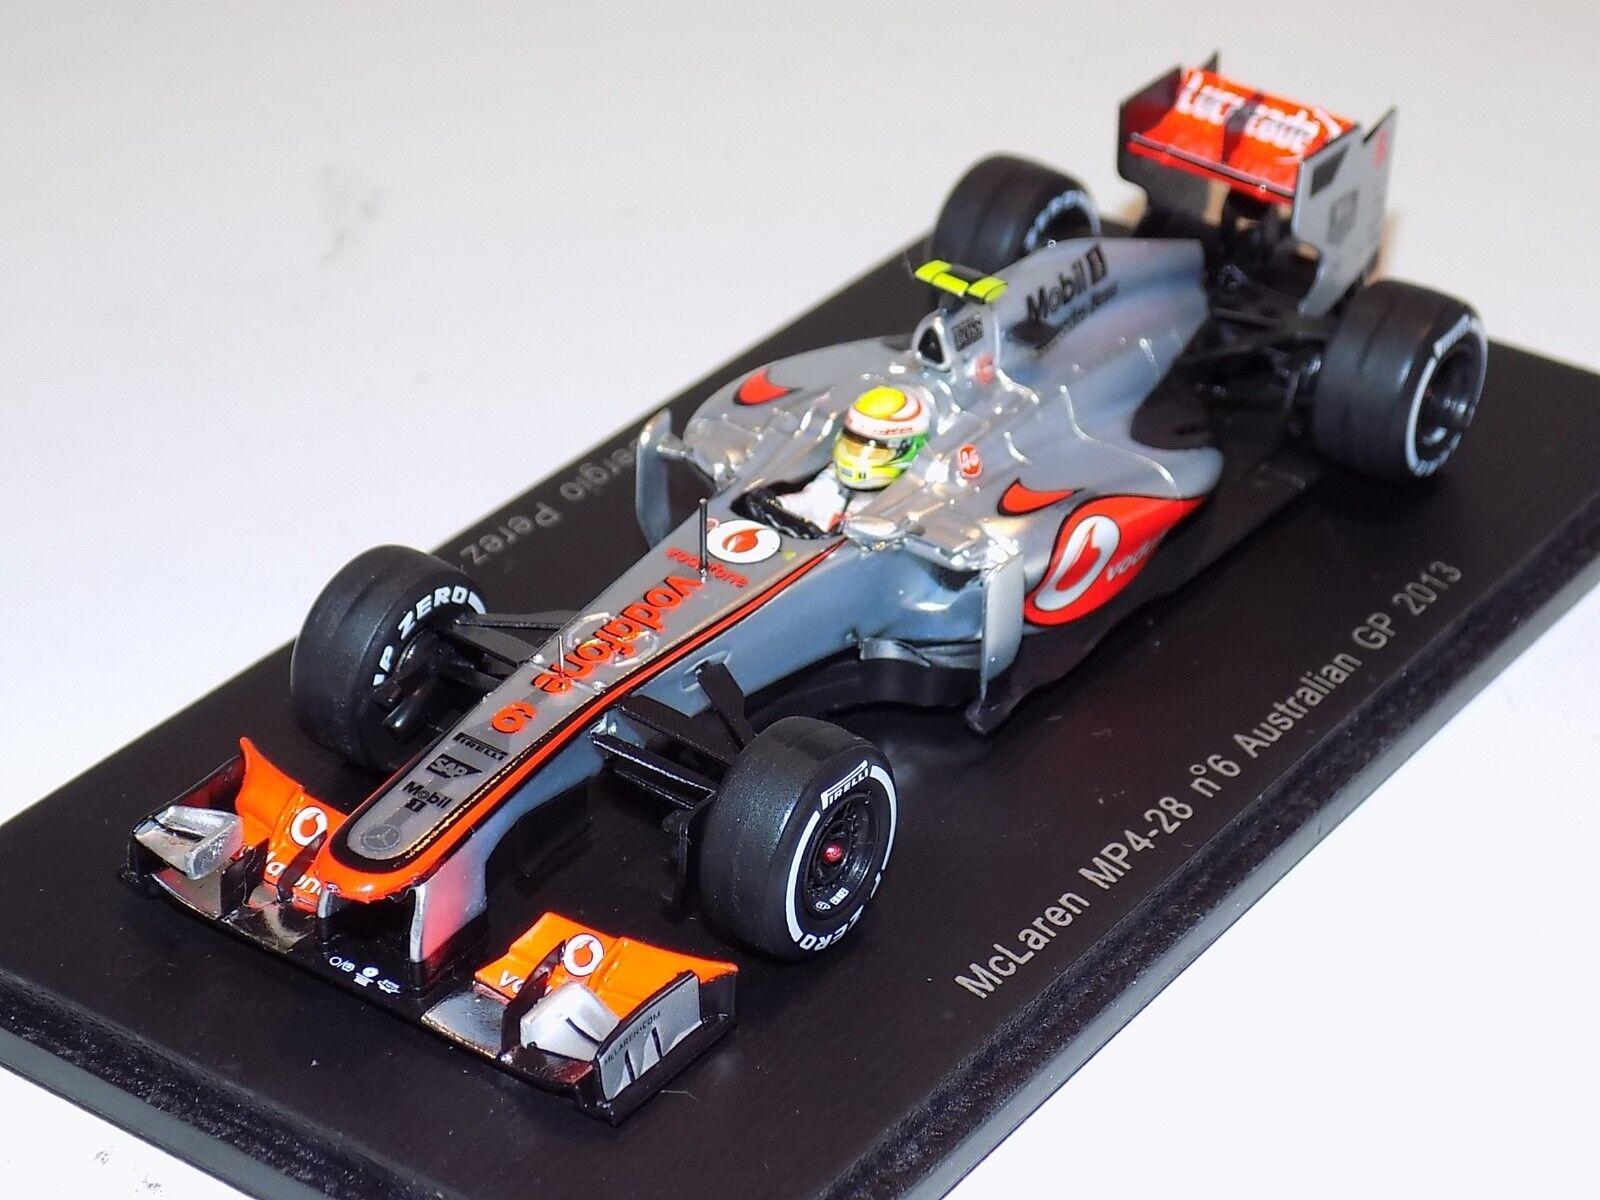 1 43 Spark McLaren Pistolets mitrailleurs 4-28 Mercedes Voiture  4 Grand Prix d'Australie 2013 Perez S3051